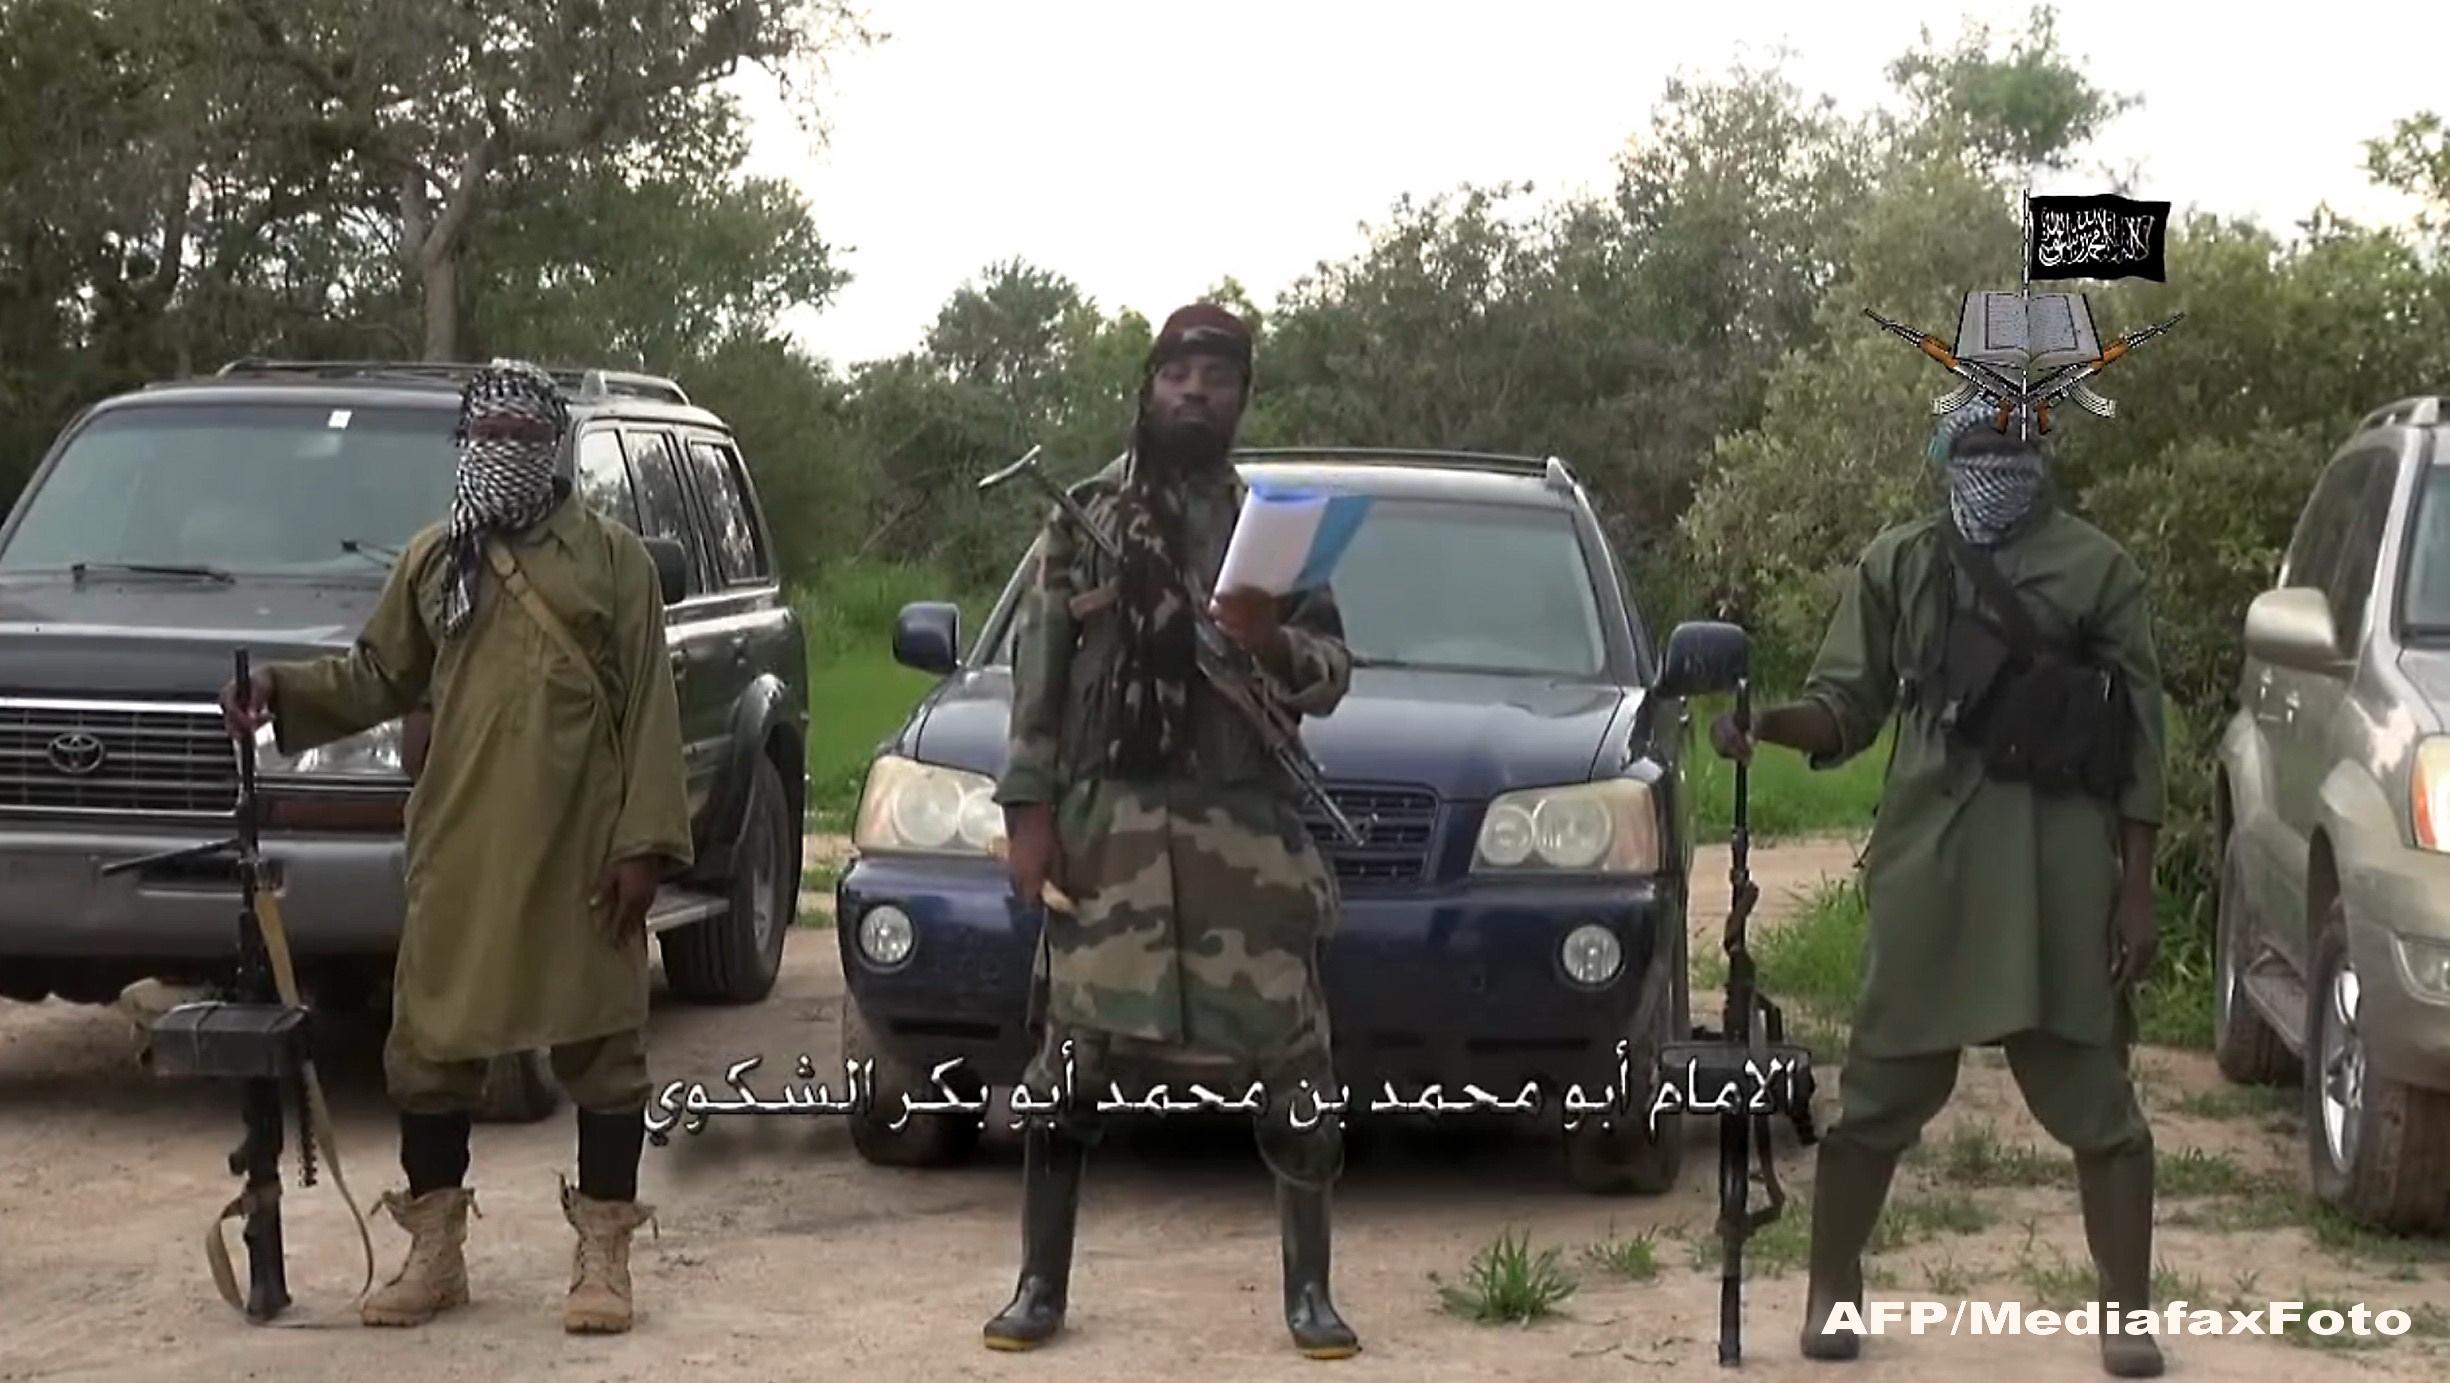 Gruparea islamista Boko Haram a lansat primul atac in Niger. Ofensiva s-a soldat cu un dezastru pentru extremisti. FOTO